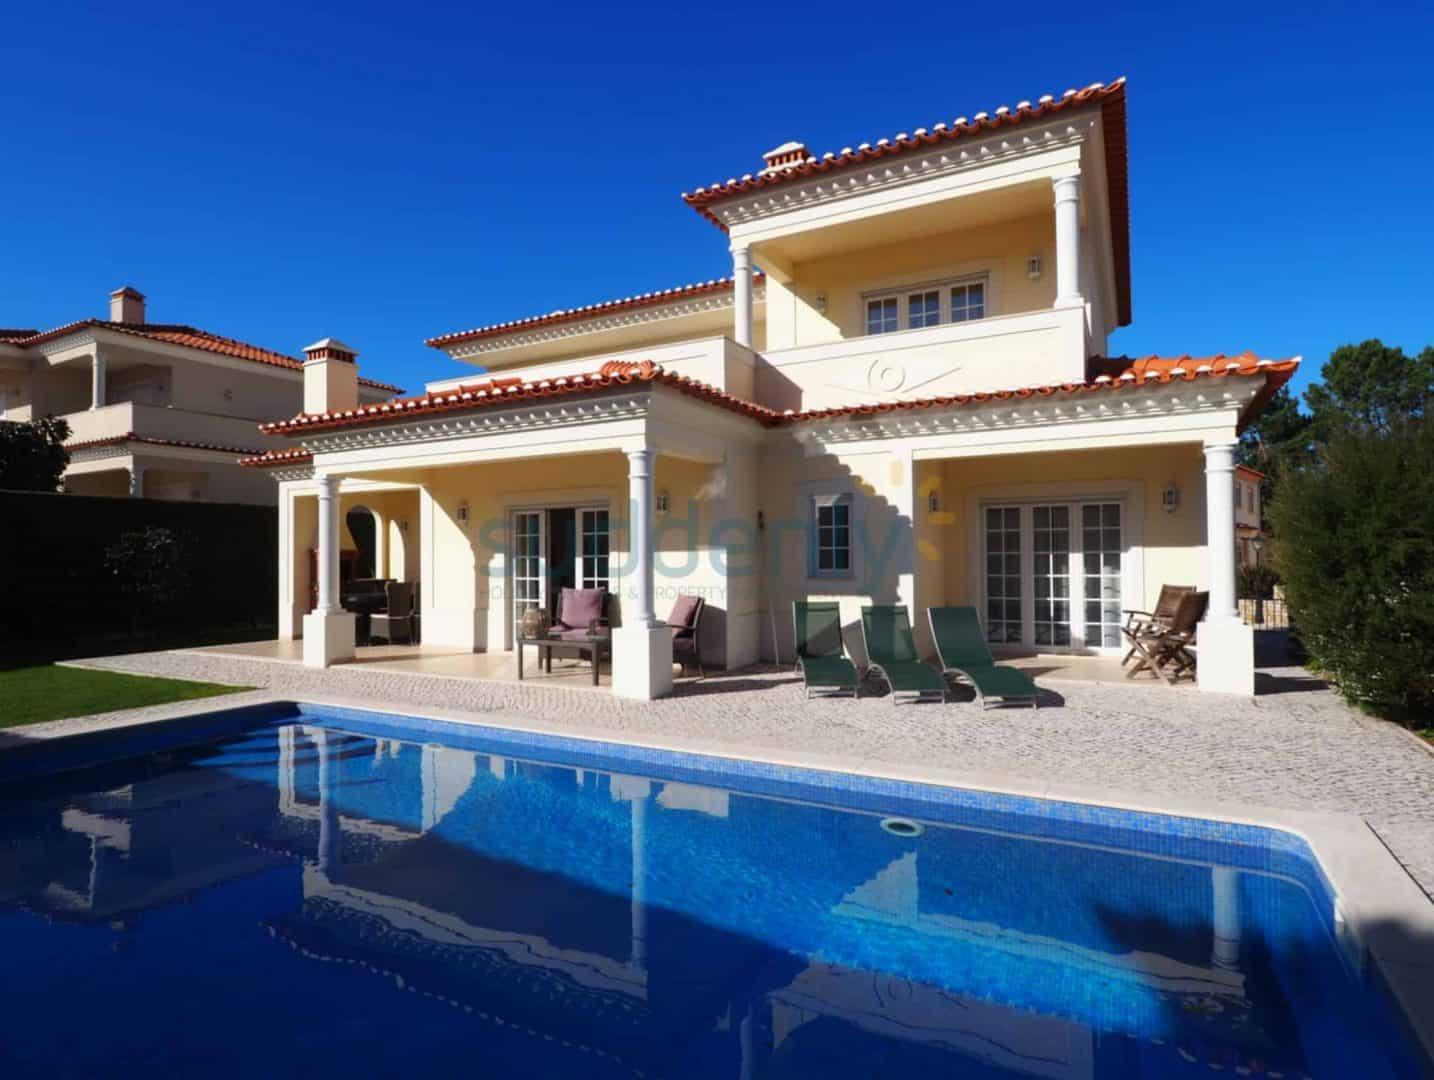 Holiday Rentals in Praia D'El Rey 26